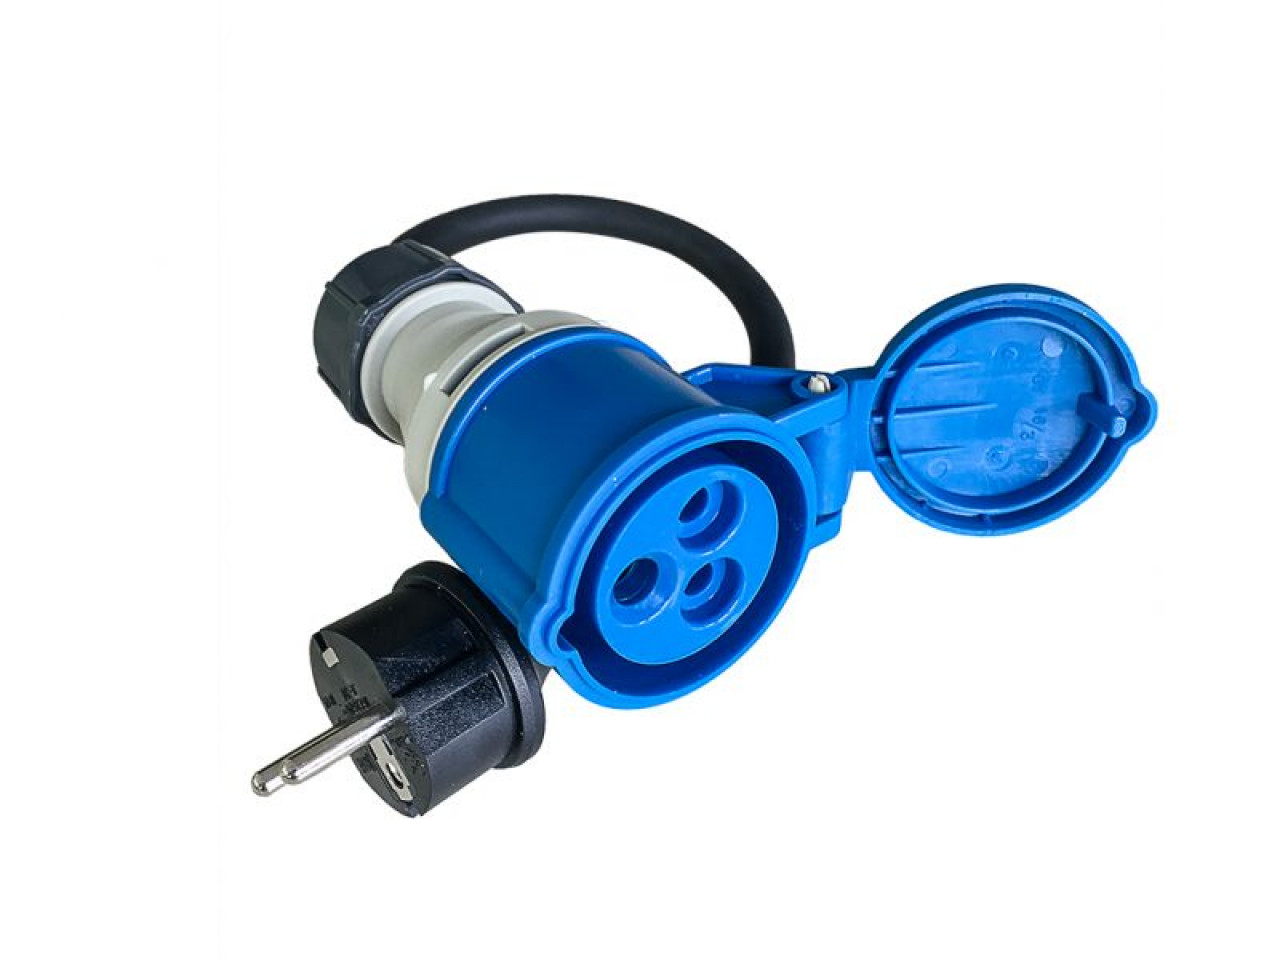 cee camping adapterkabel 3 polig 16a kupplung auf 230v. Black Bedroom Furniture Sets. Home Design Ideas